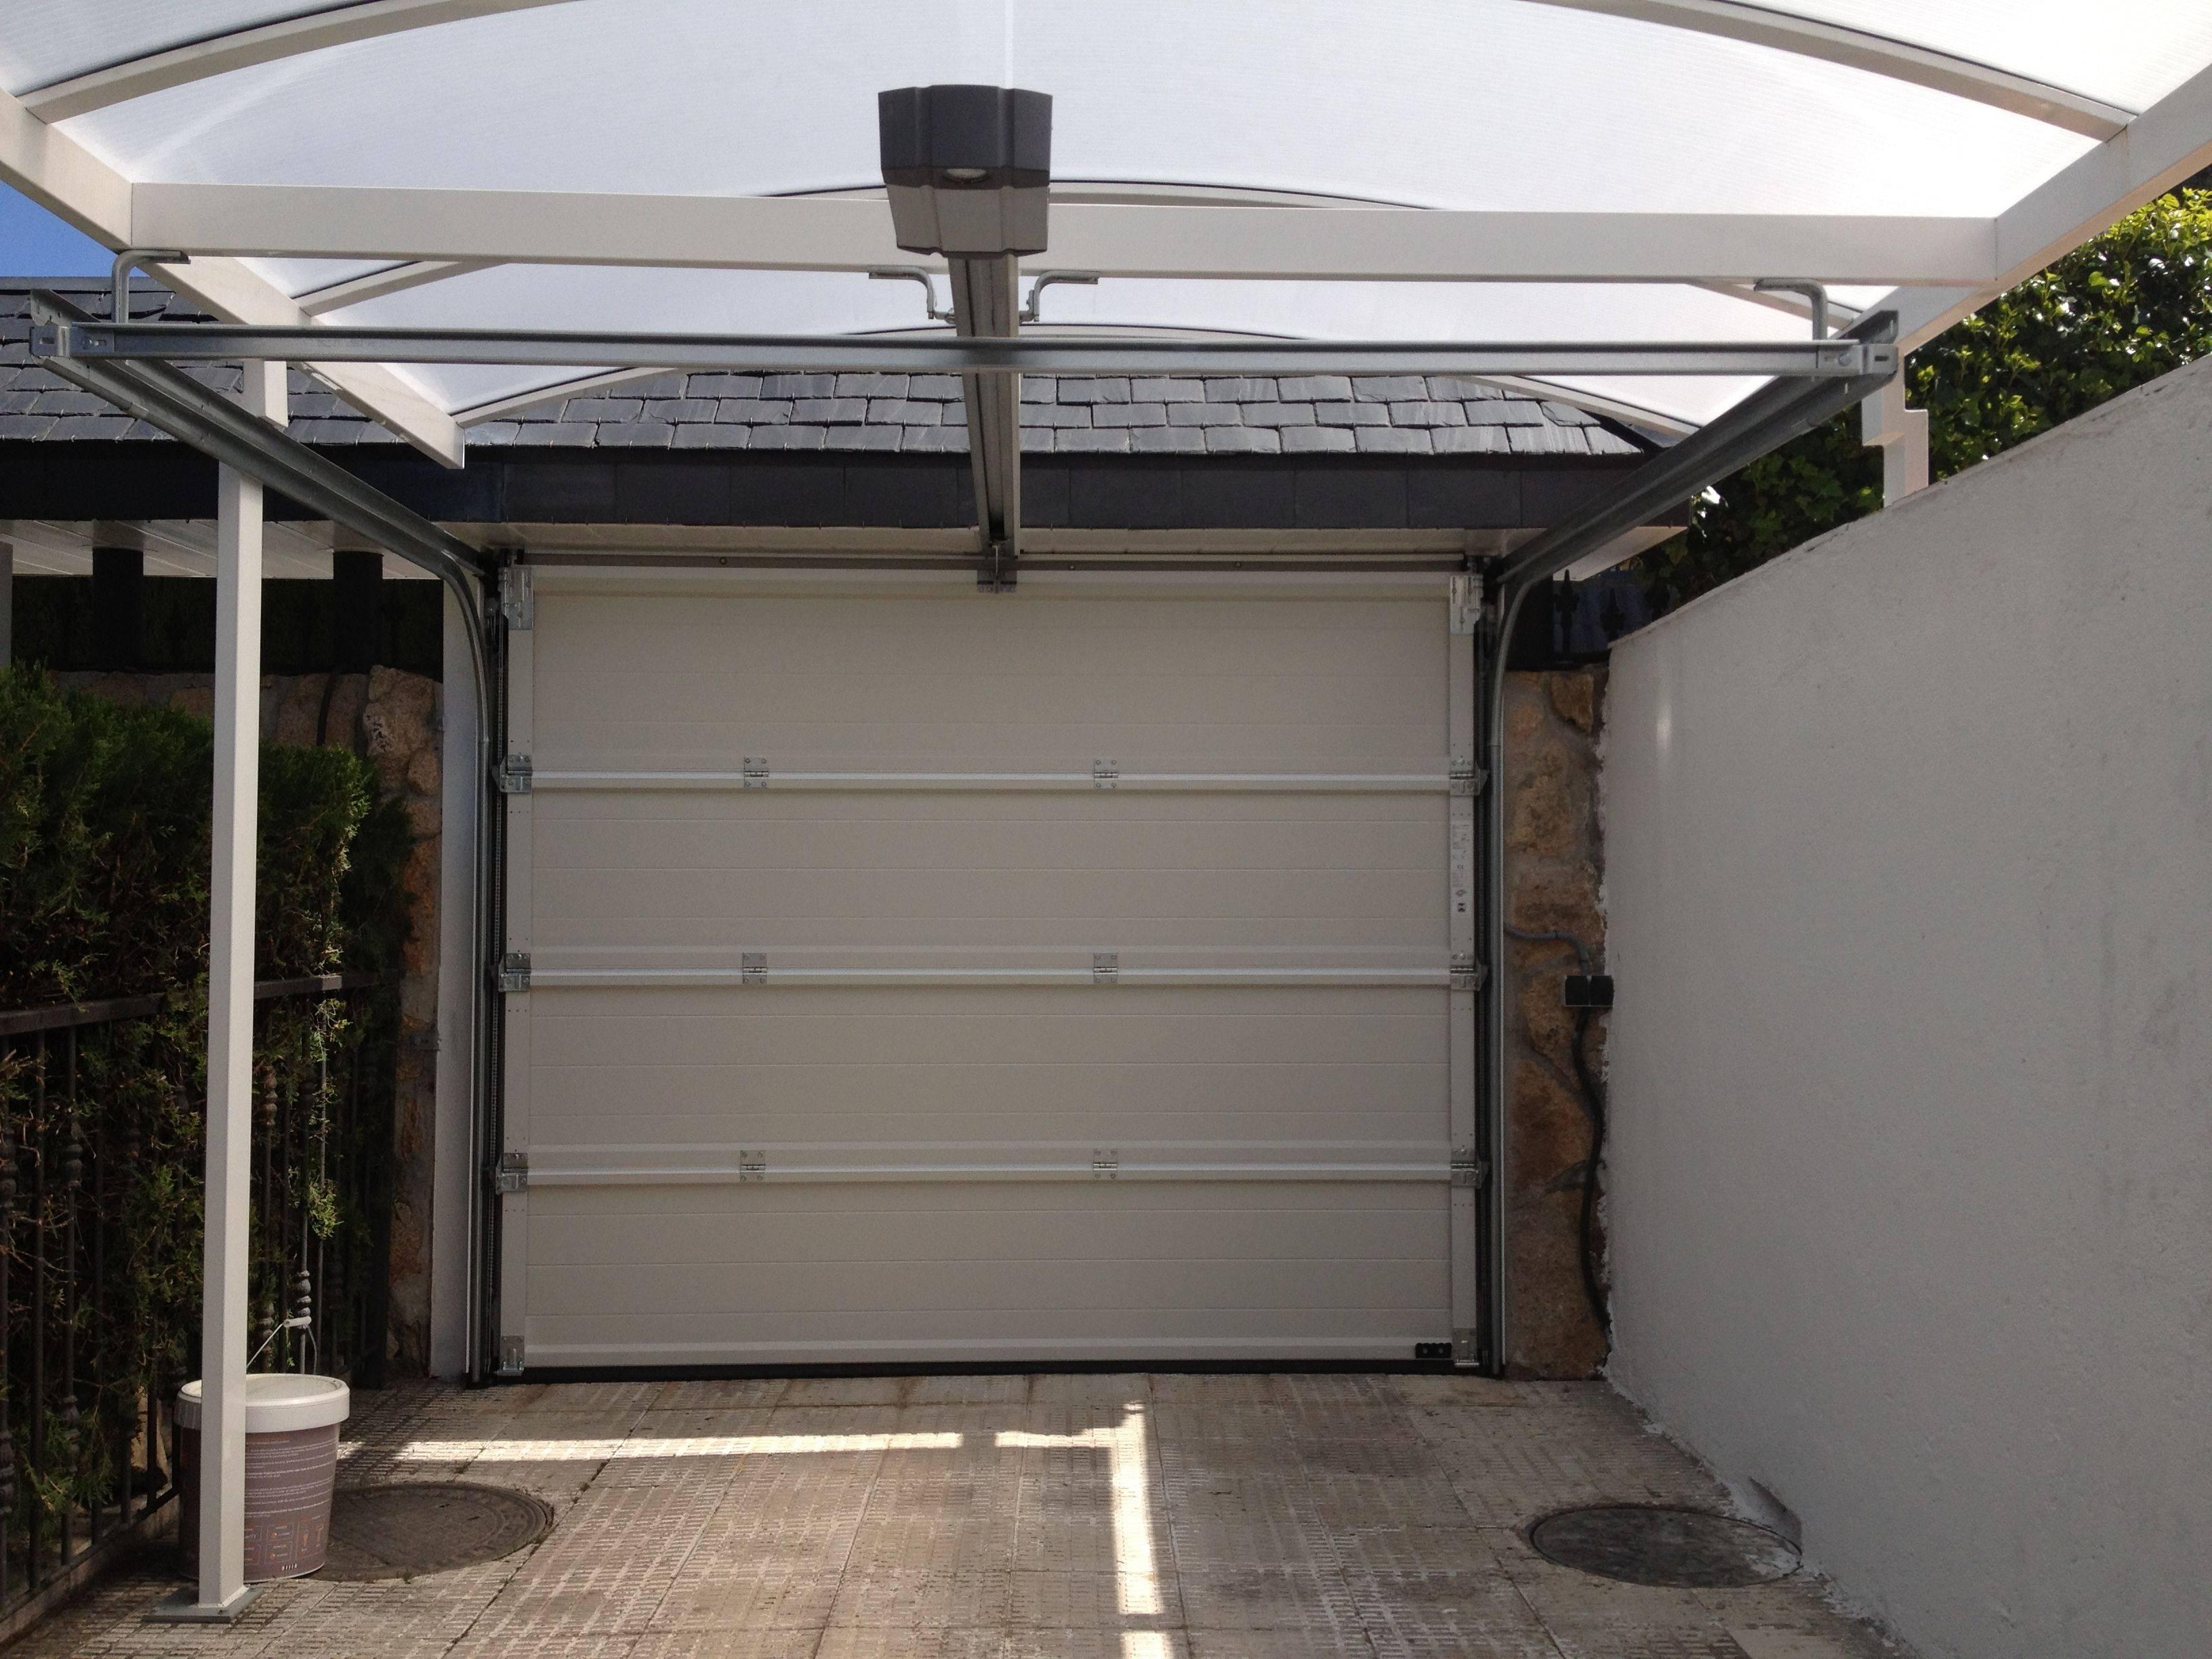 Puertas seccionales precio puertas seccionales y - Puertas de garaje ...